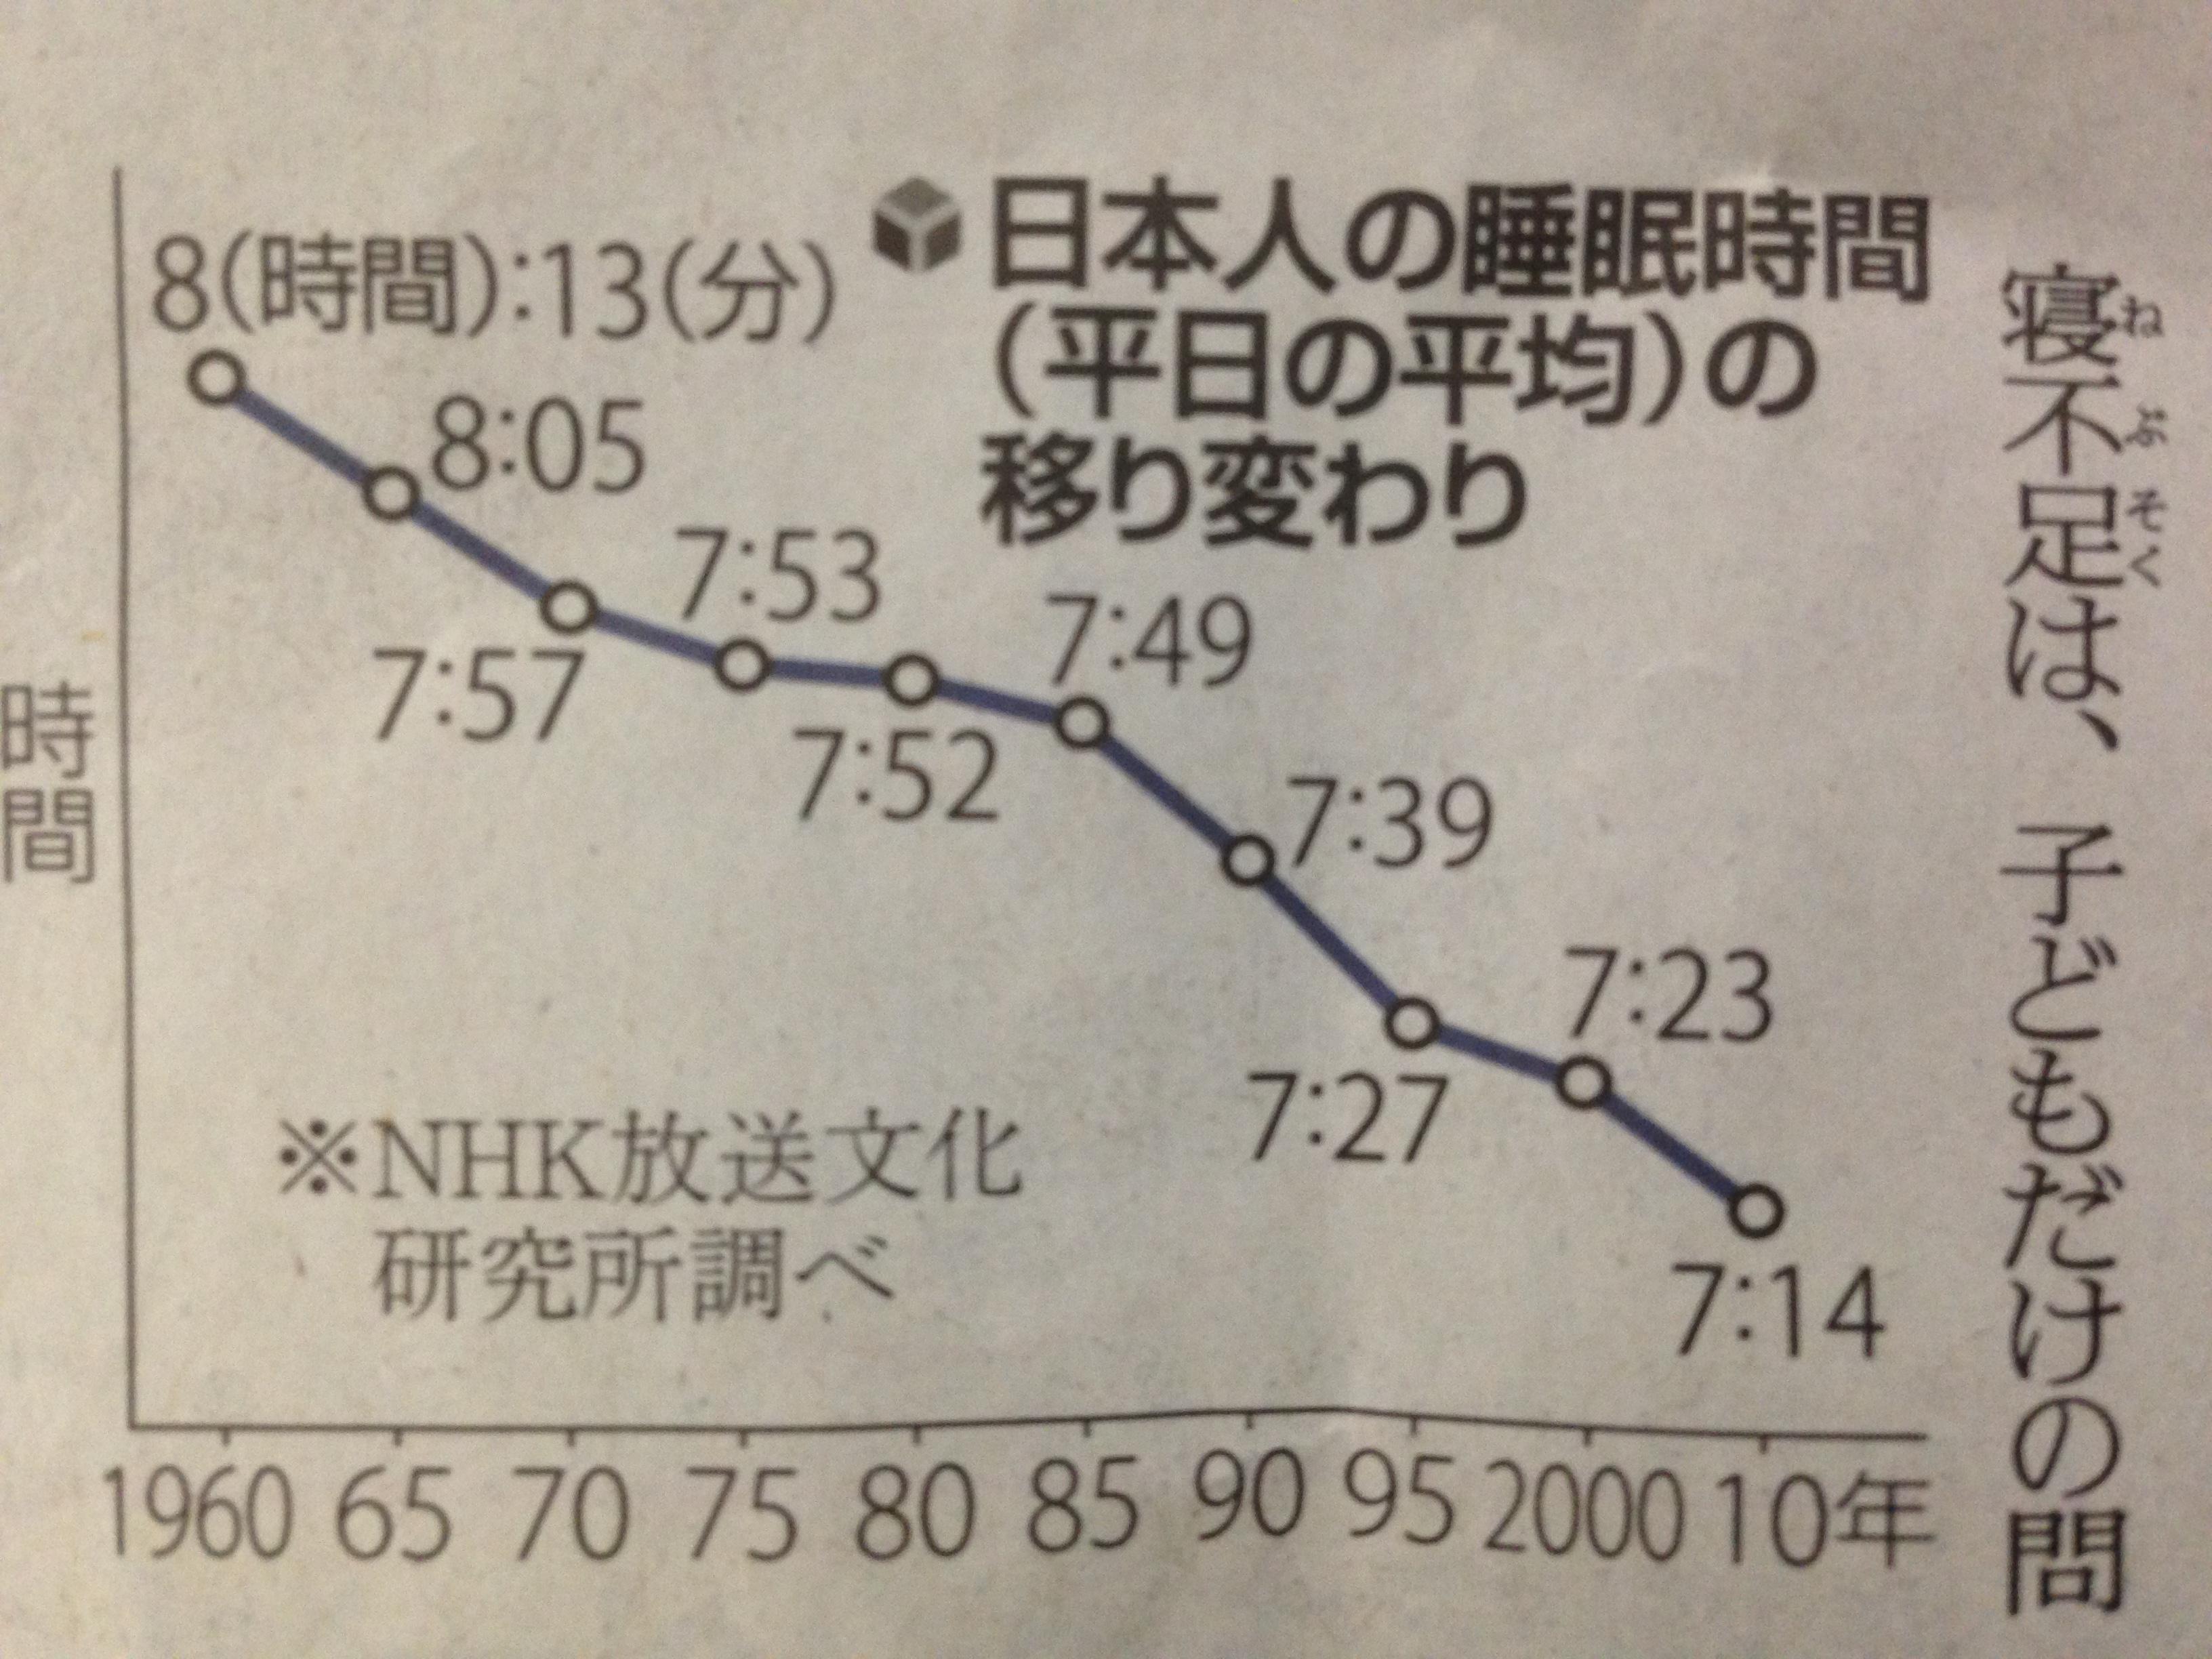 日本人の平均睡眠時間は7時間少し。世界でワースト2。